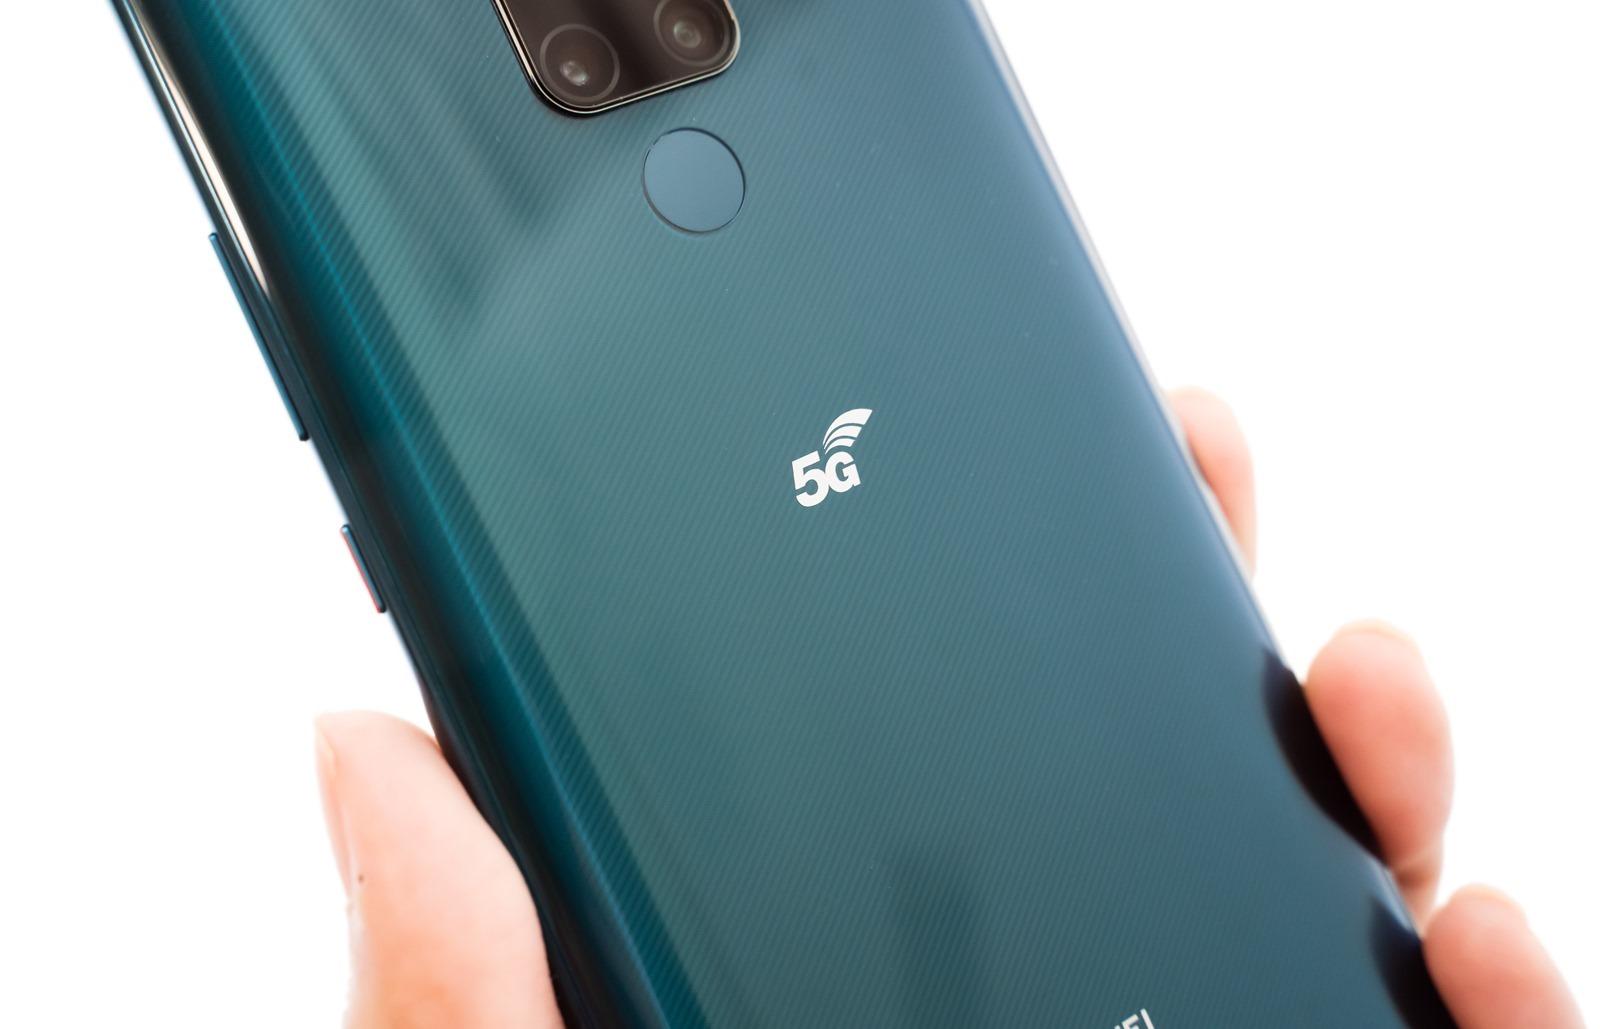 5G 馬上就要來了!華為 Mate 20X 5G 有什麼新特點?一次看清楚實測明白! @3C 達人廖阿輝